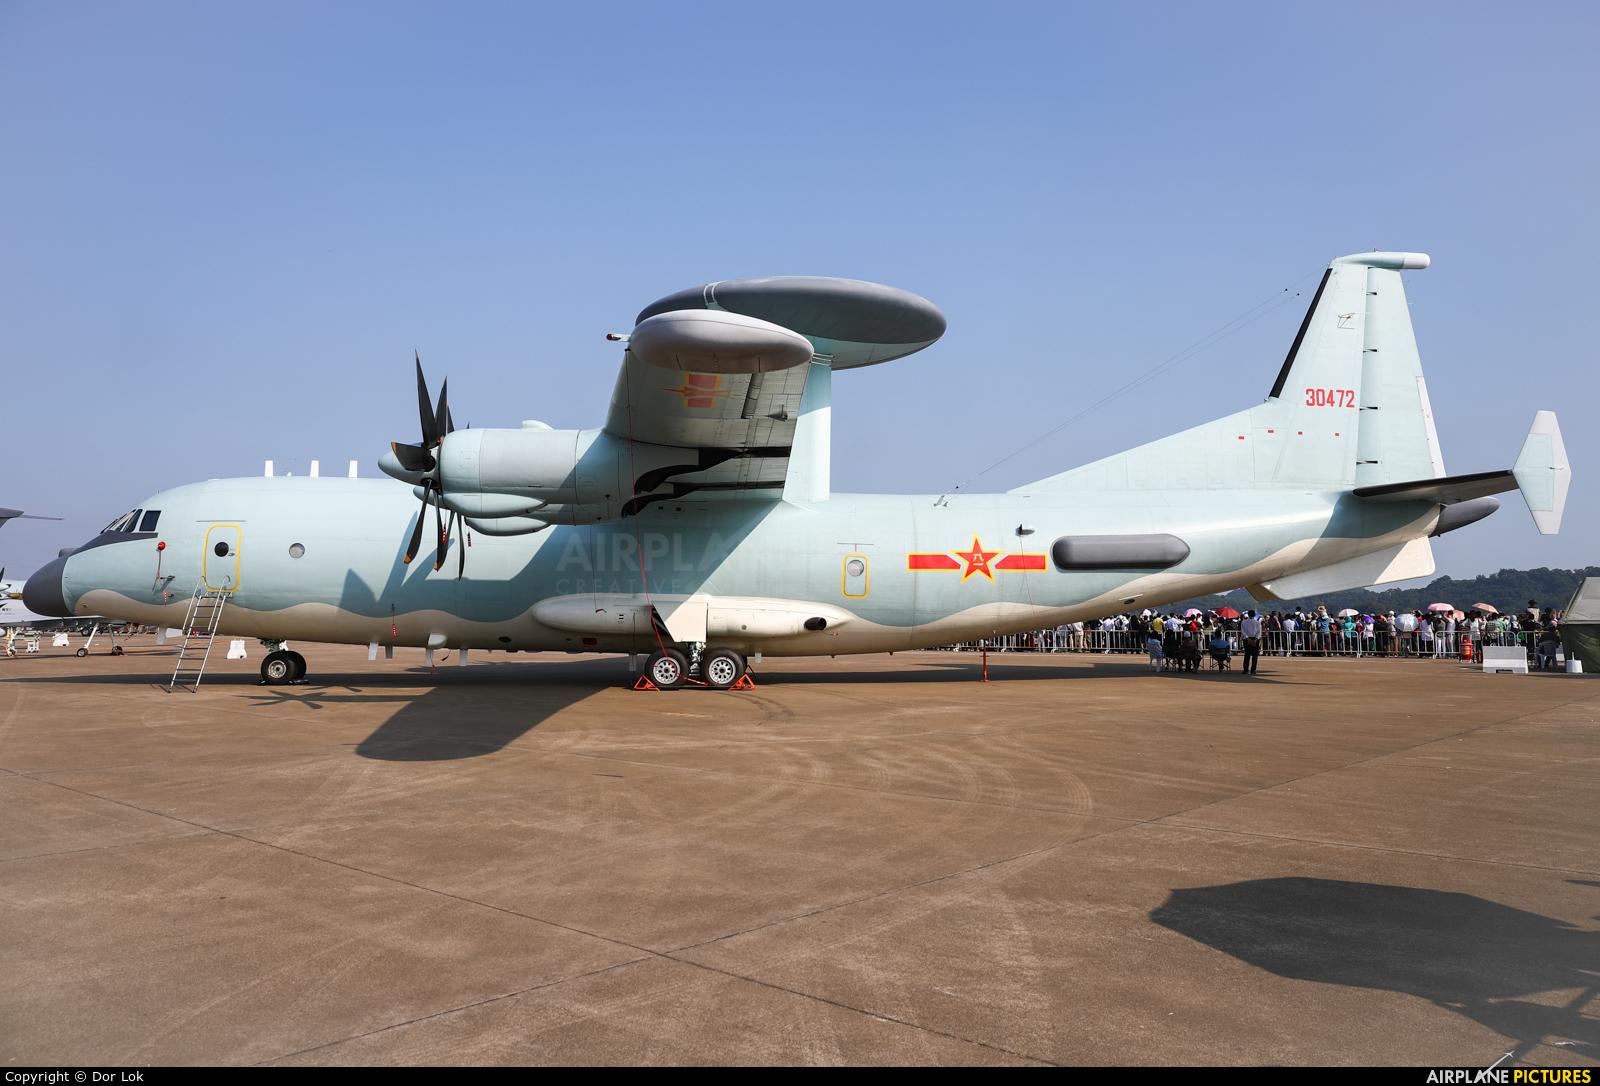 China - Air Force 30472 aircraft at Zhūhǎi-Jīnwān